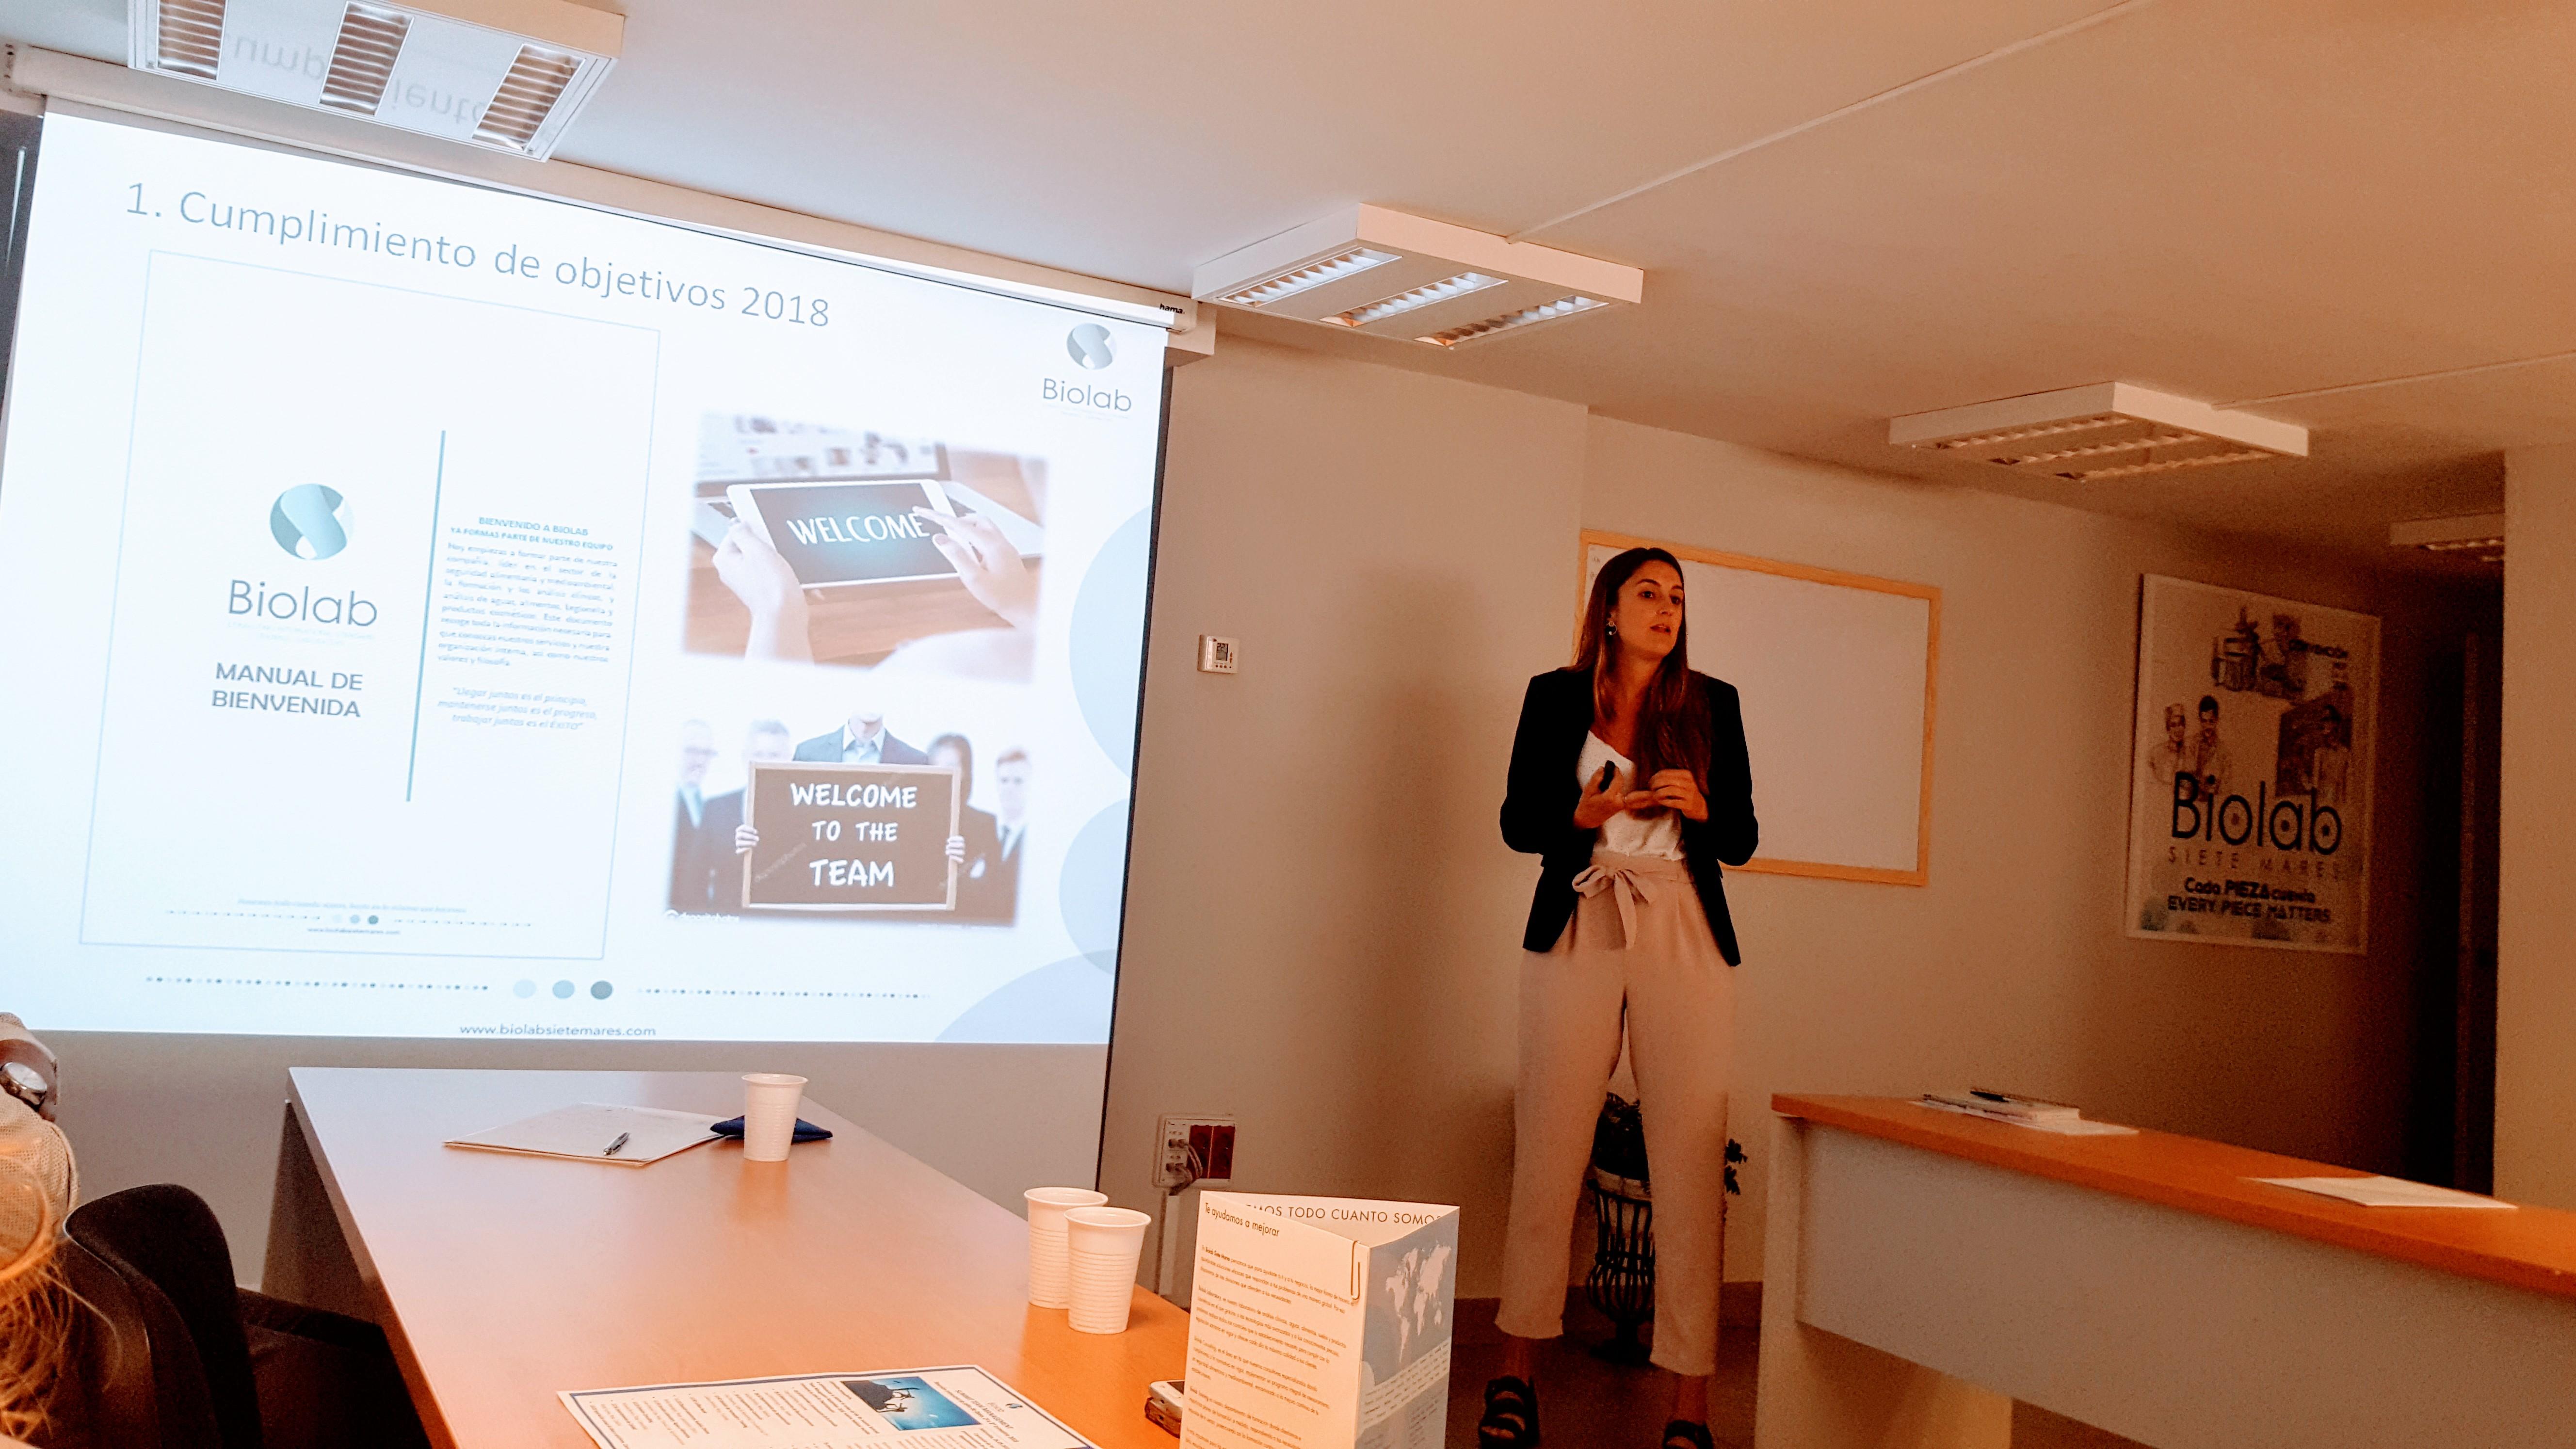 biolab-empleados-presentacion-manual de bienvenida